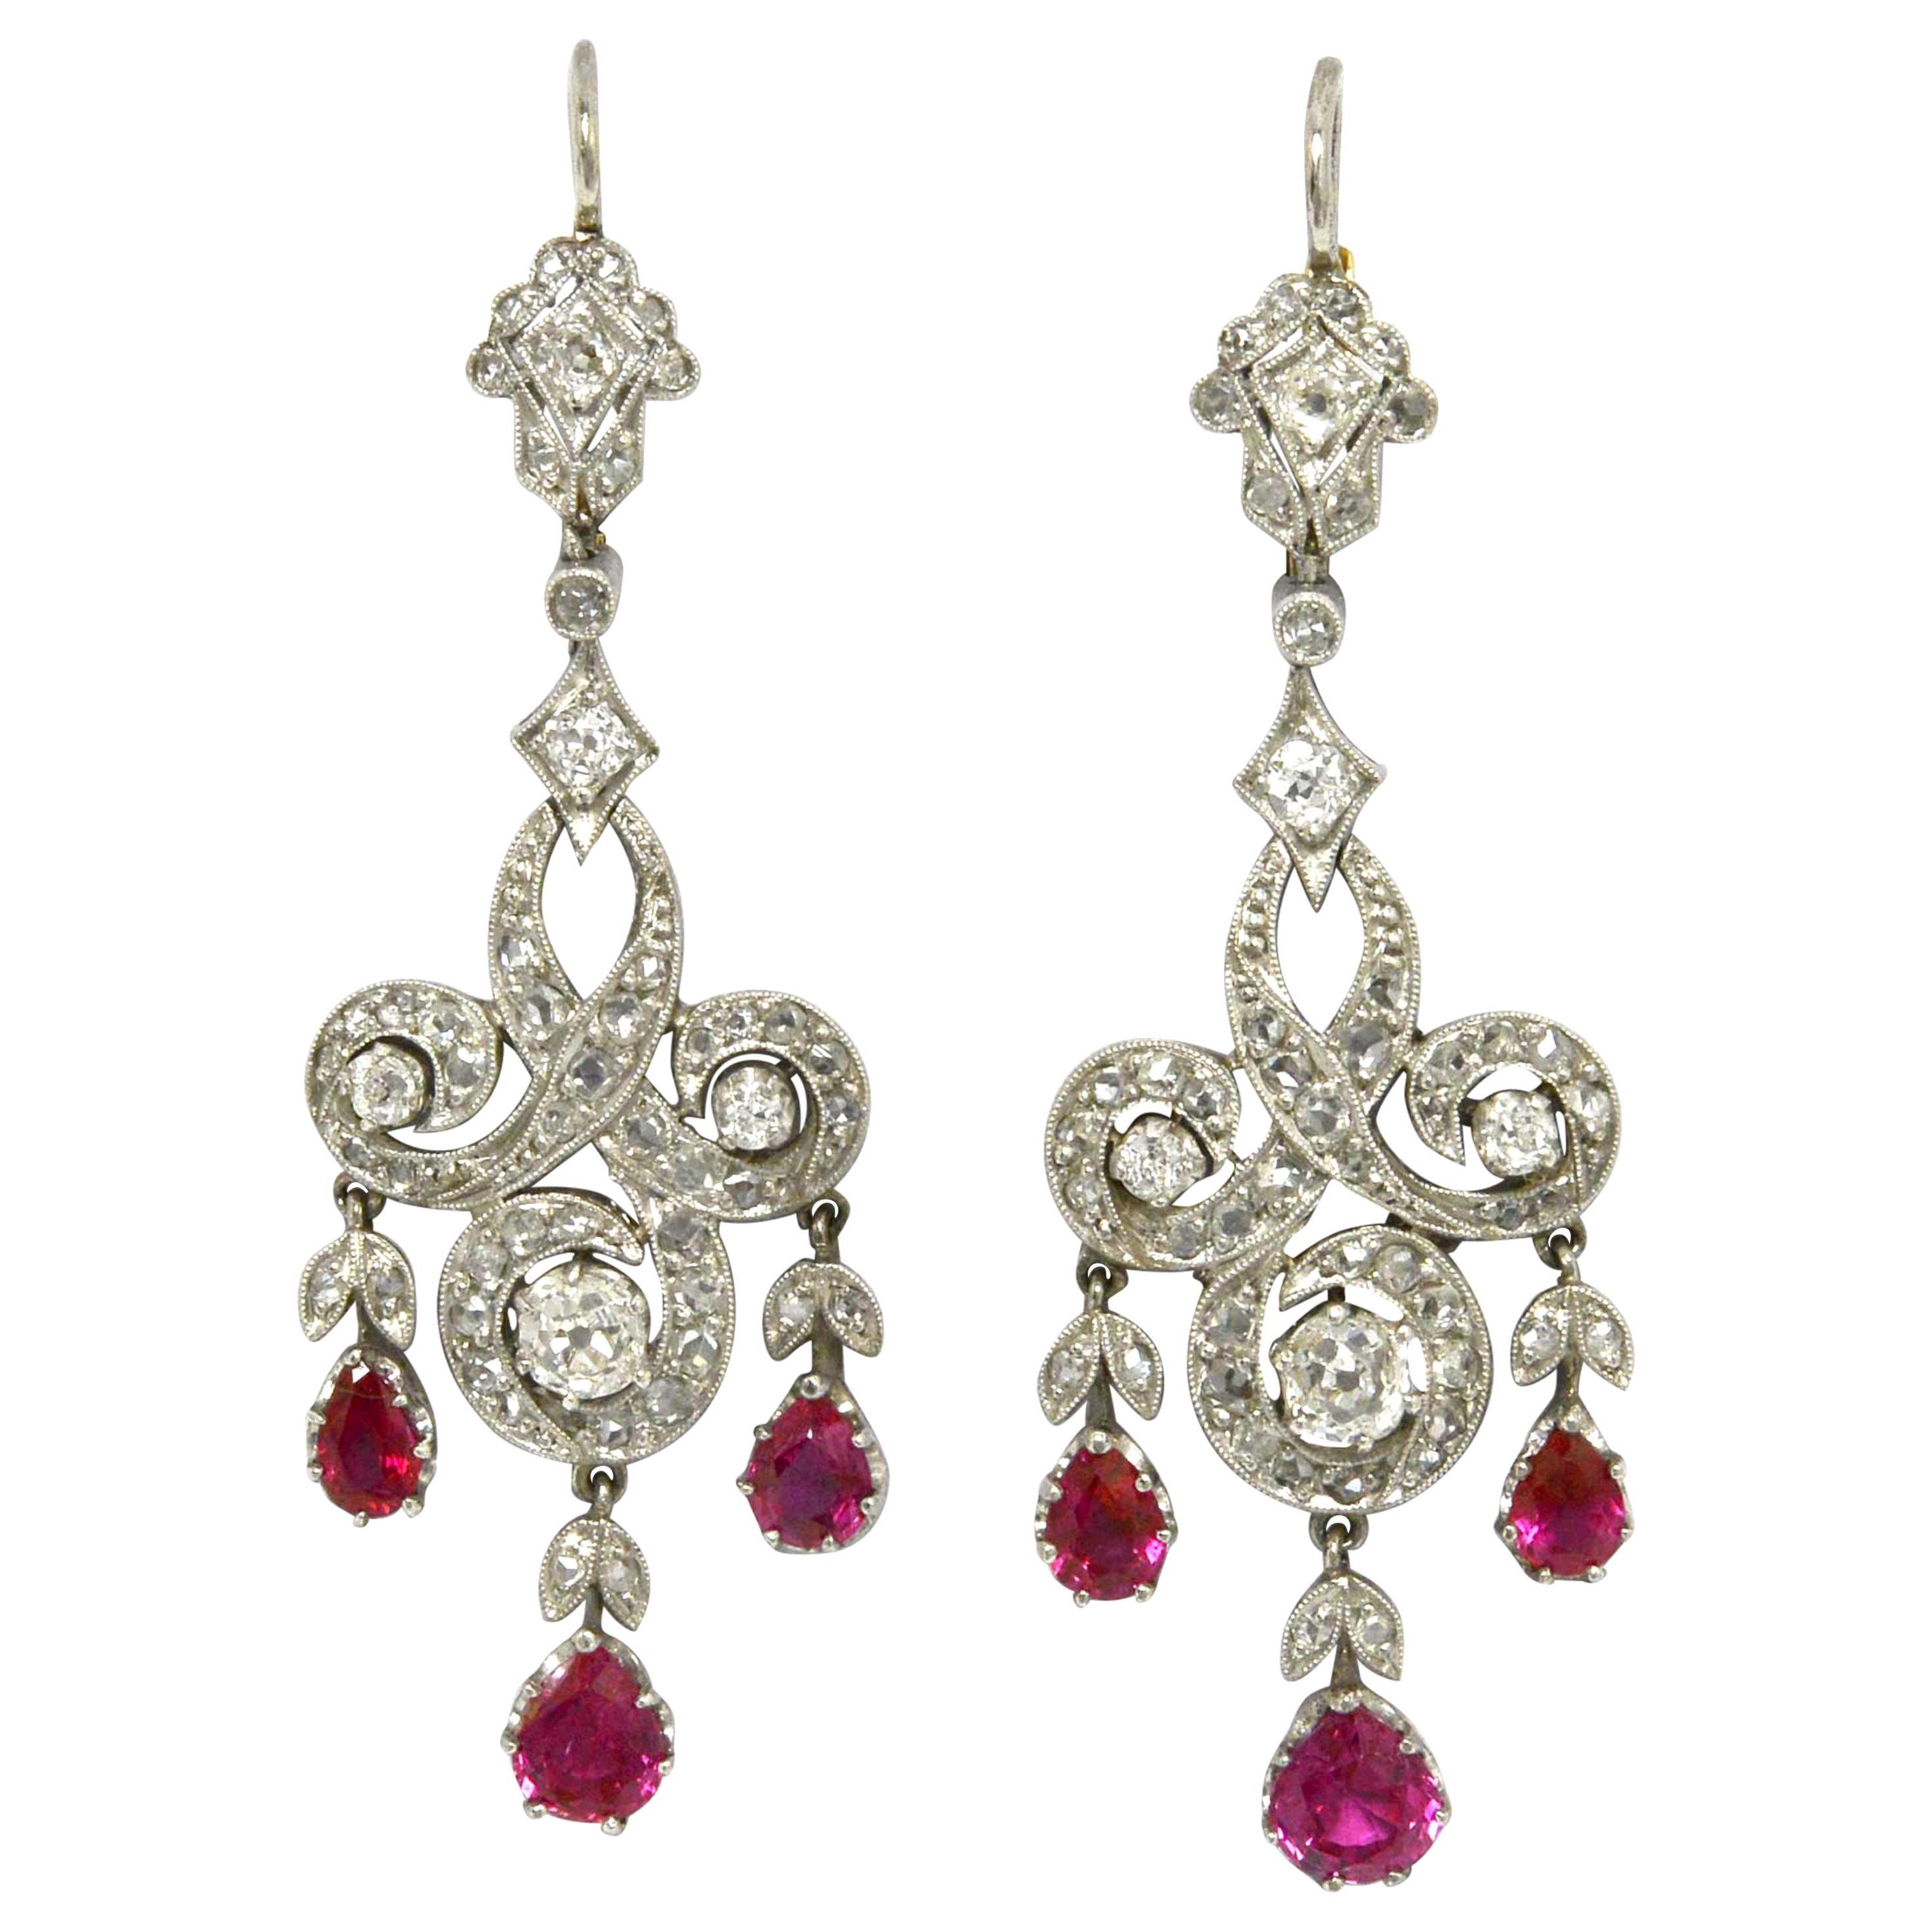 Edwardian Style Ruby Diamond Chandelier Earrings Drop Dangle Platinum Lever Back